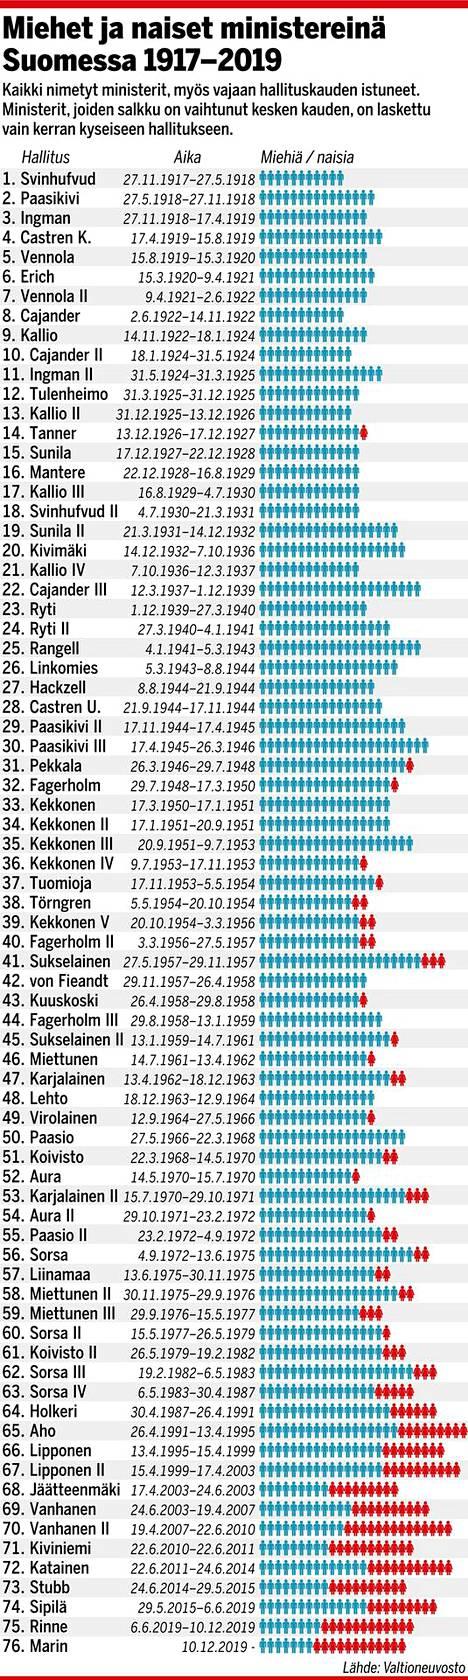 Miehet ja naiset ministereinä Suomessa 1917-2019.